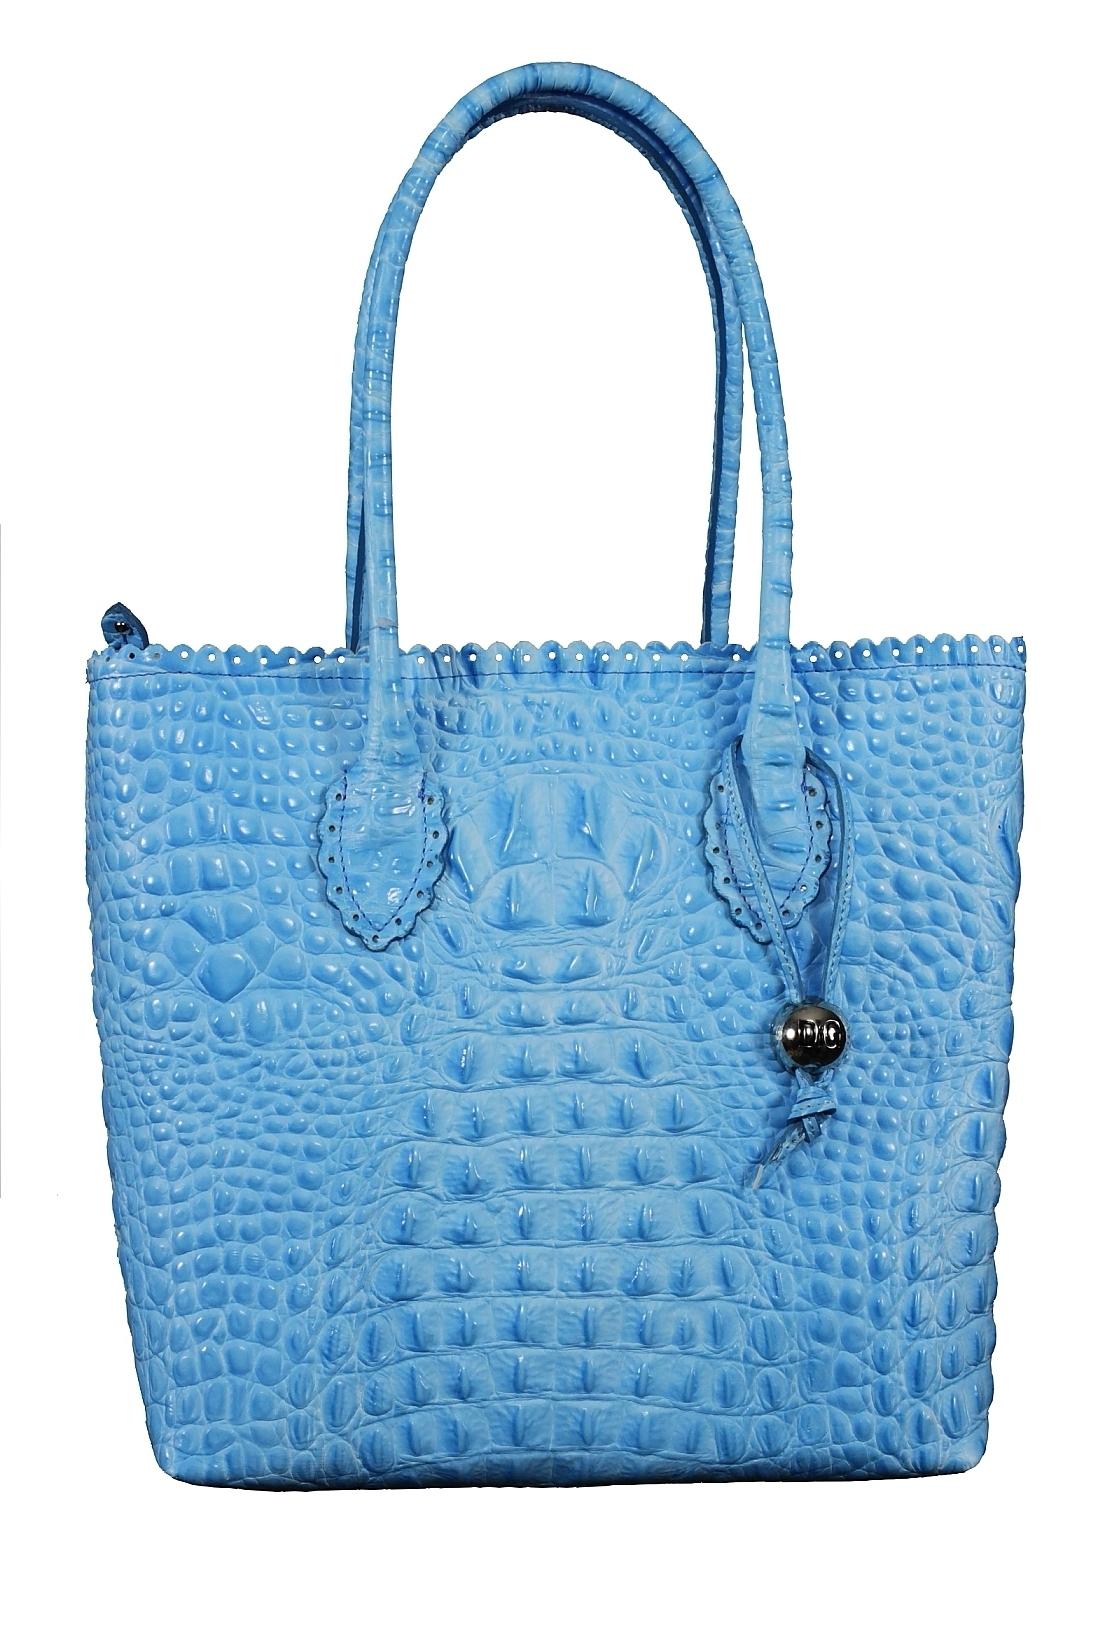 Сумка женская Di Gregorio 311 cocco azzurro